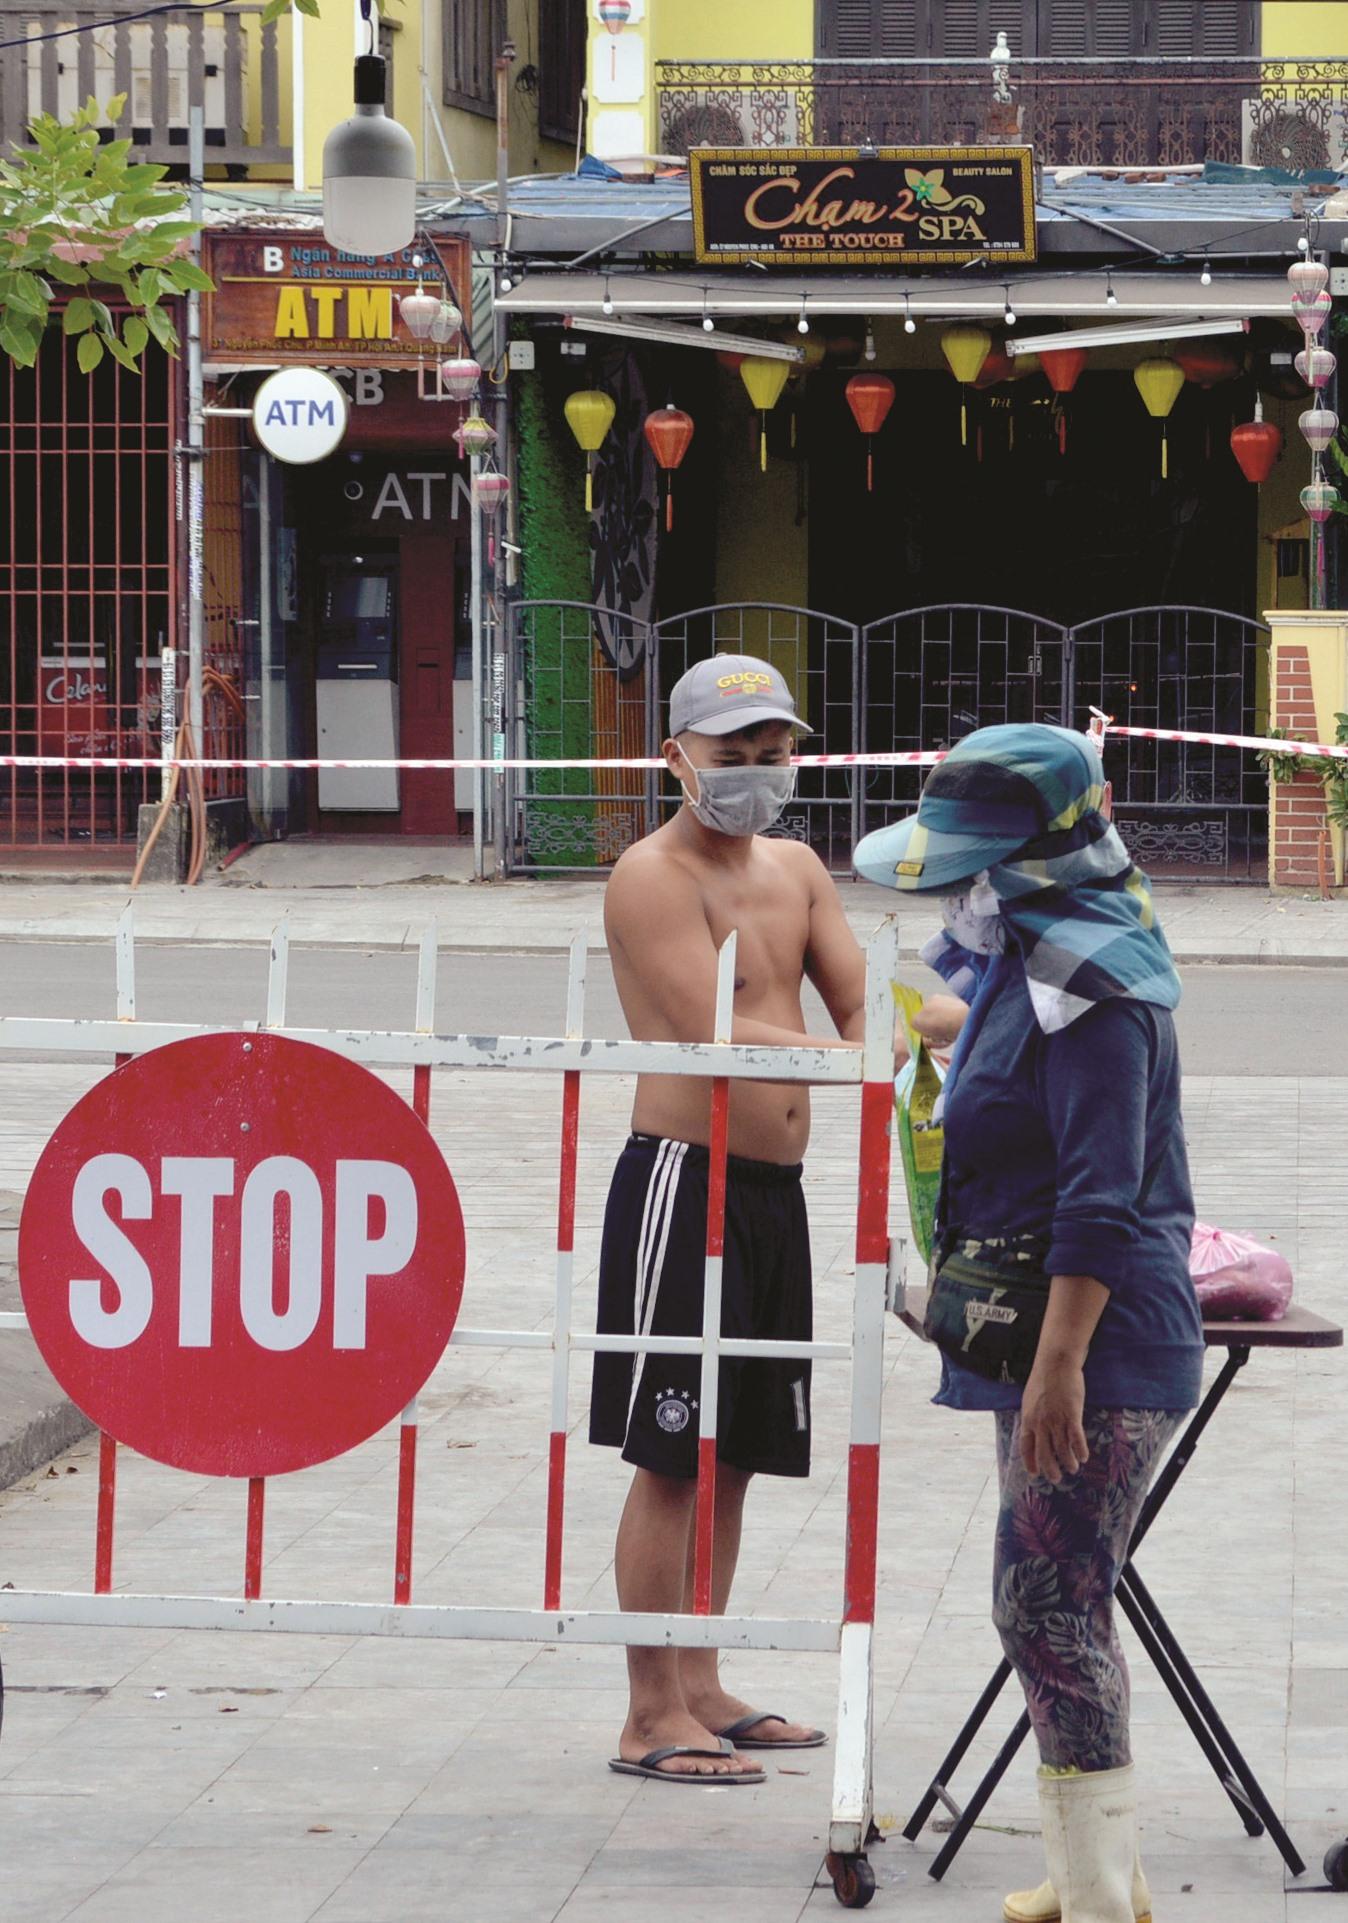 Người dân khu cách ly khối phố An Hội nhận hàng tại điểm chốt chặn.